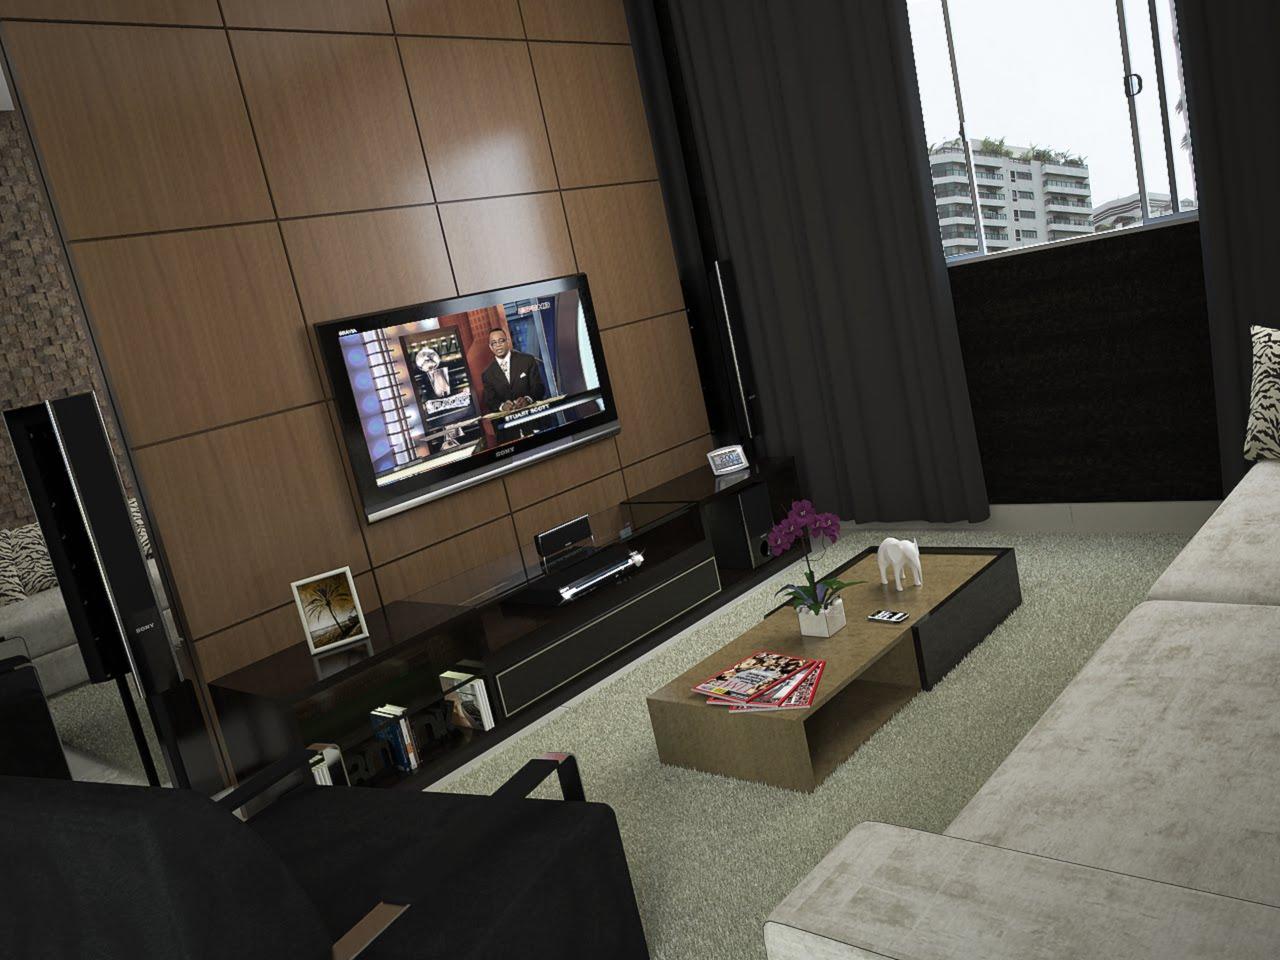 sala%2Btv2%2Bcopy Decoração Para Sala de Tv: Algo Muito Requisitado Nos Lares Atuais